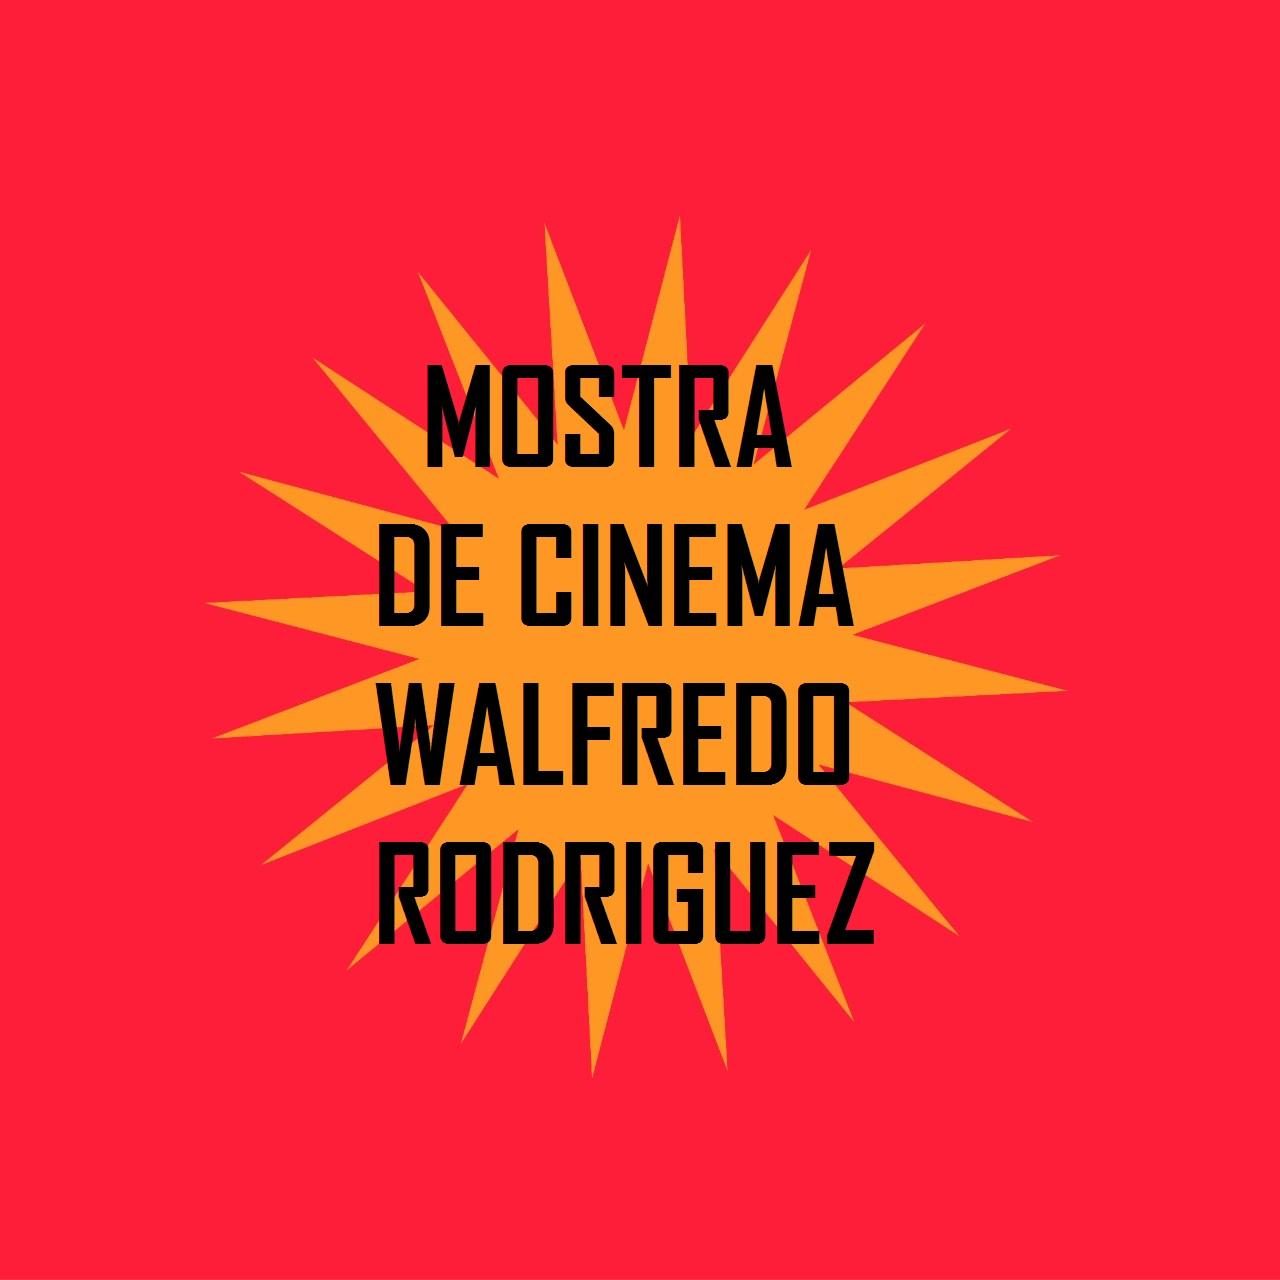 Mostra Walfredo Rodrigues